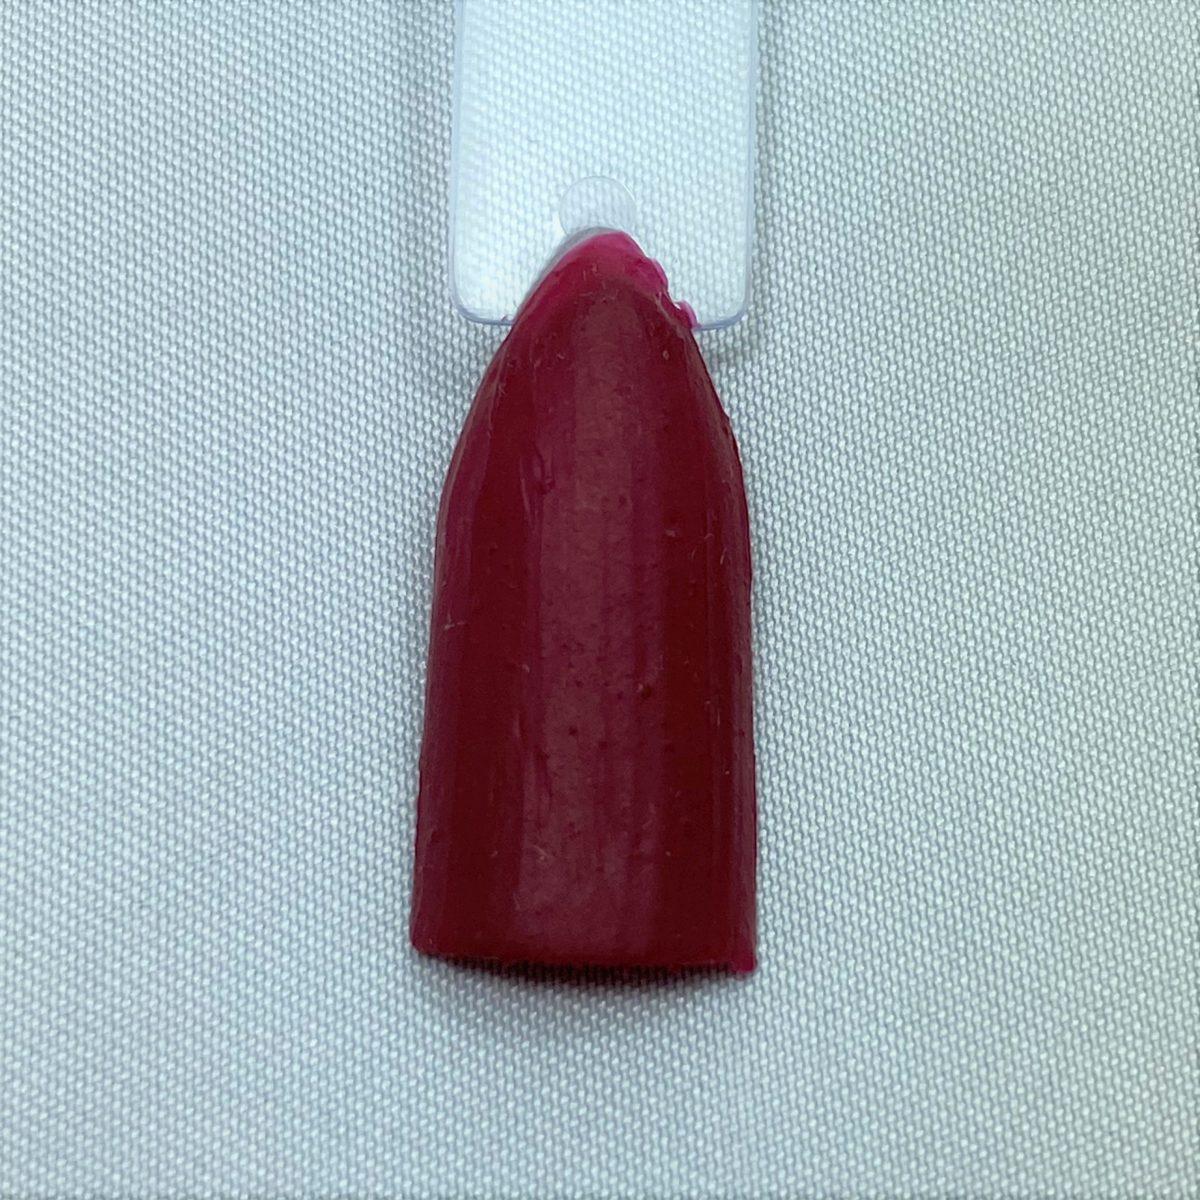 Melty Gel (メルティジェル) 3Dアートジェル Ruby